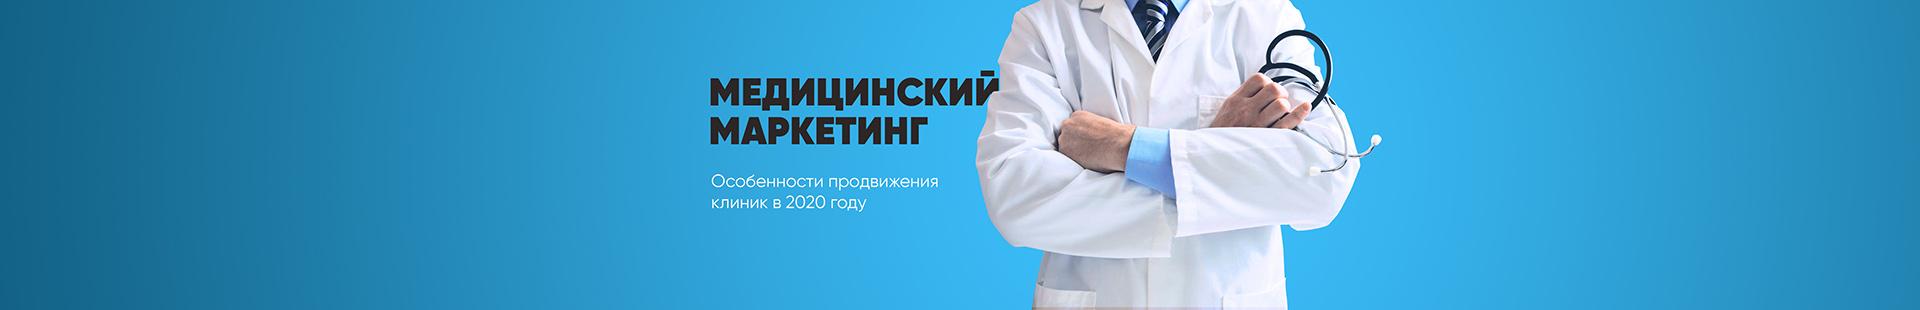 Медицинский маркетинг: мифы, заблуждения, план действий